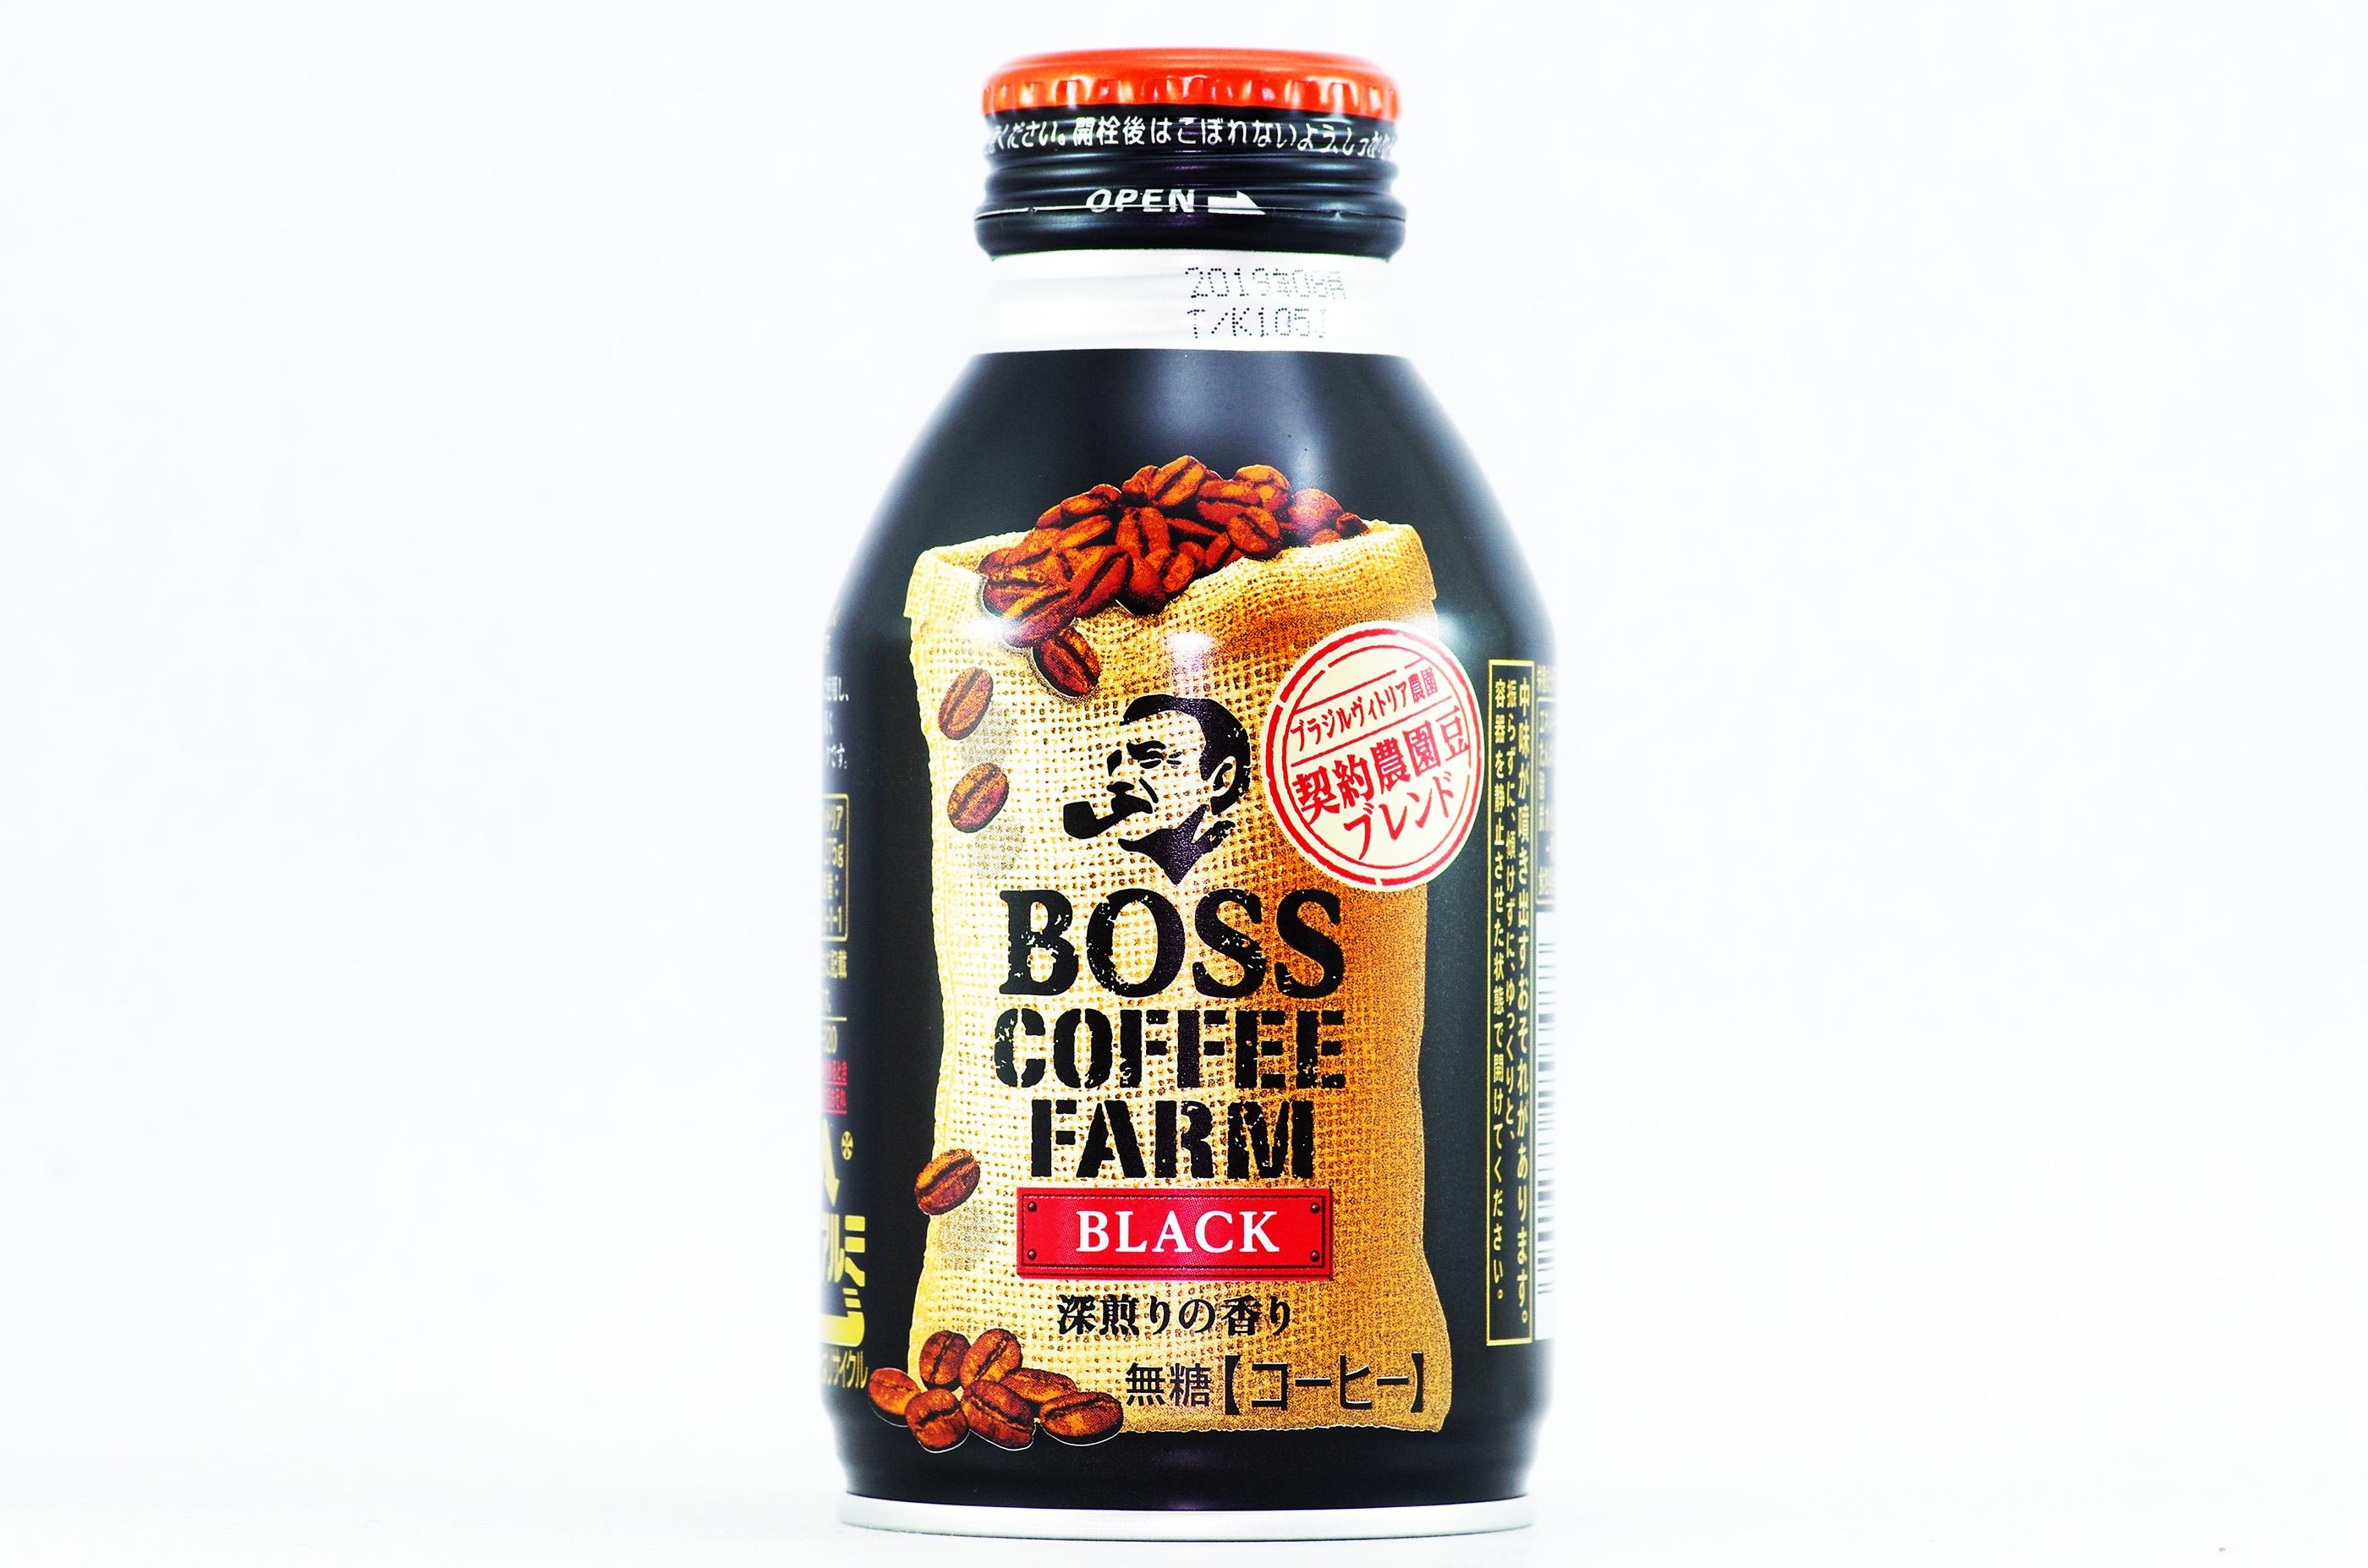 BOSS COFFEE FARM ブラック 契約農園豆ブレンド 2017年9月